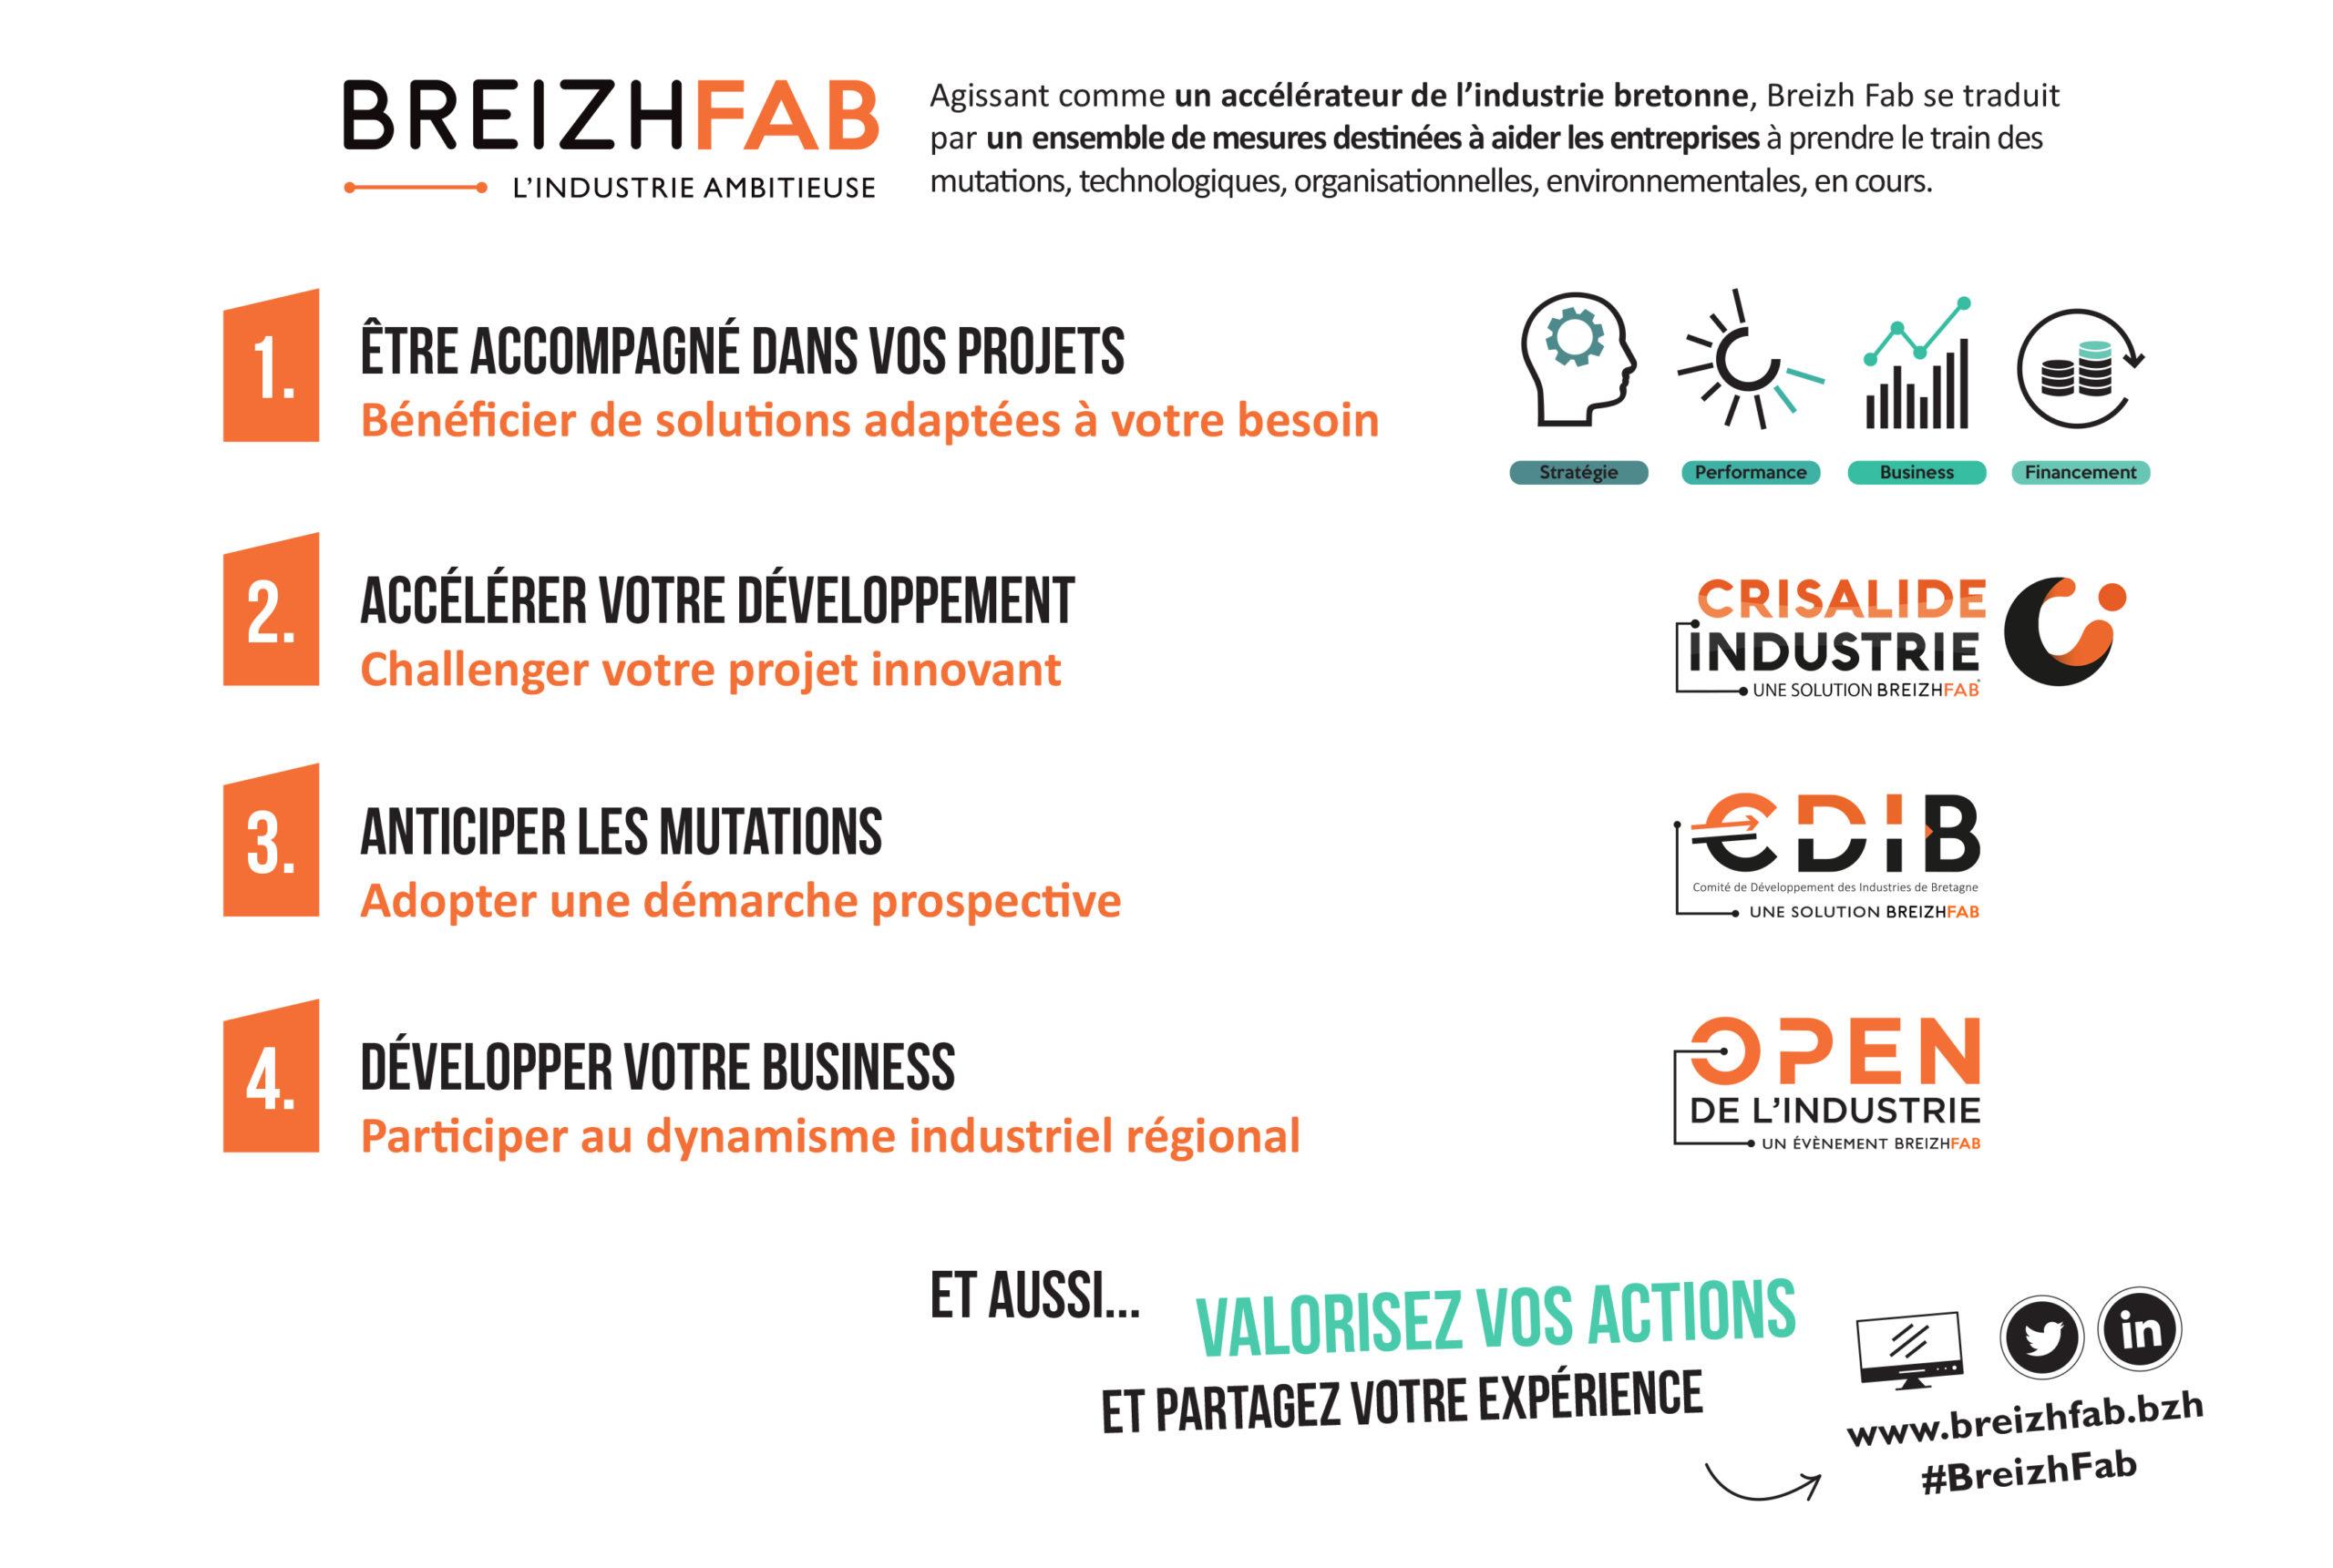 Presentation-Breizhfab